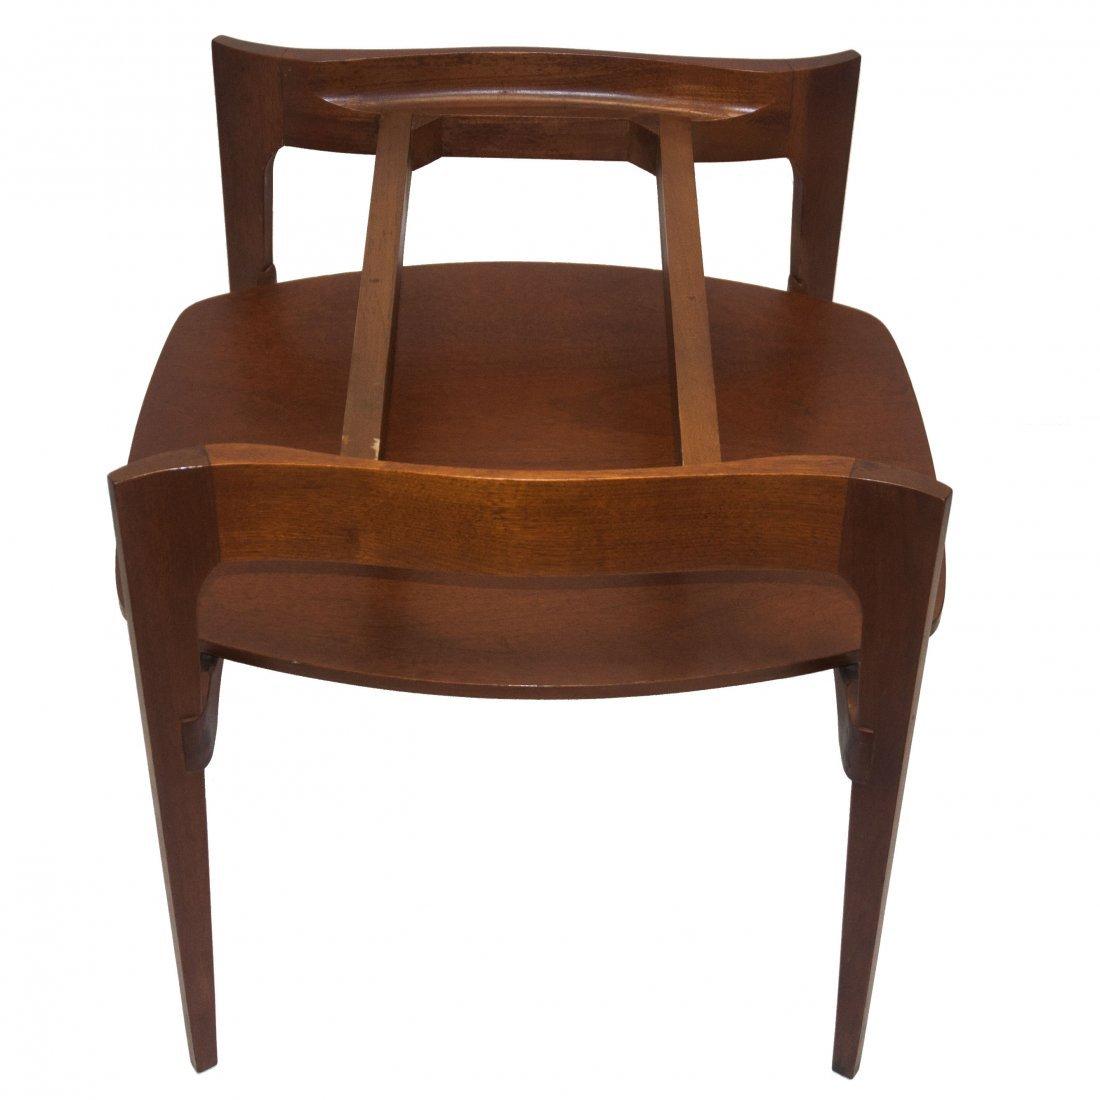 MCM Italian Bertha Schaefer Modern Side Table 1950 - 6